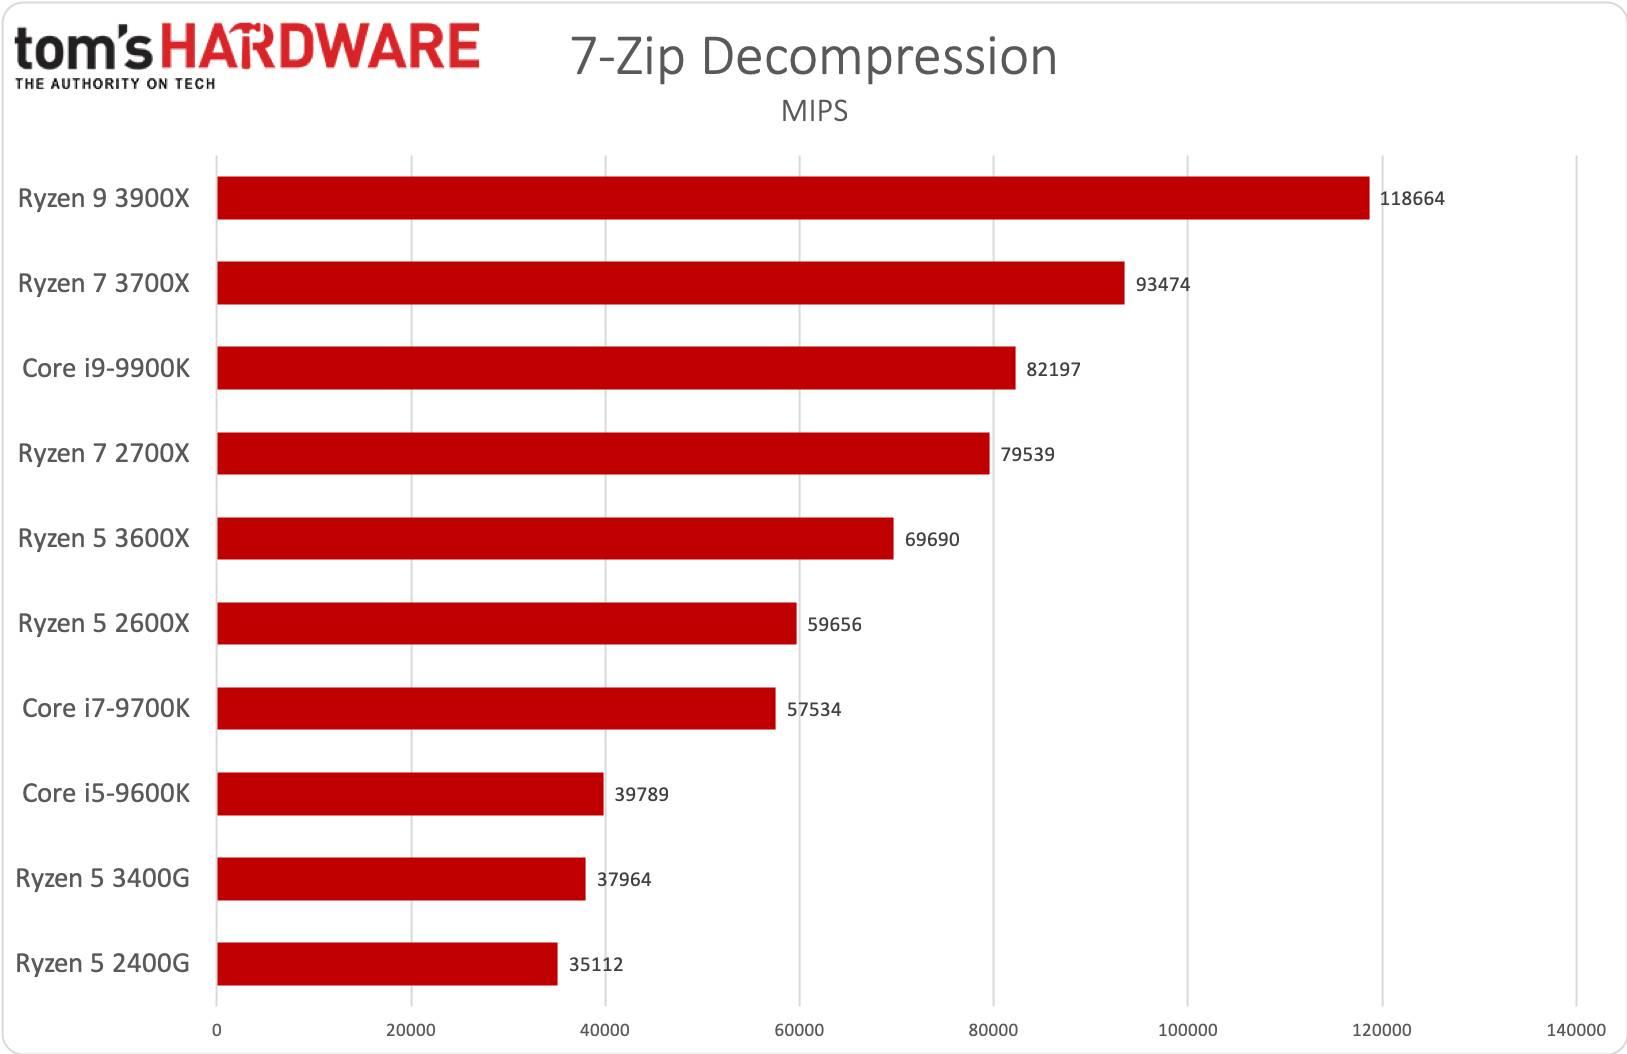 Ryzen 5 3400G - 7Zip decompression